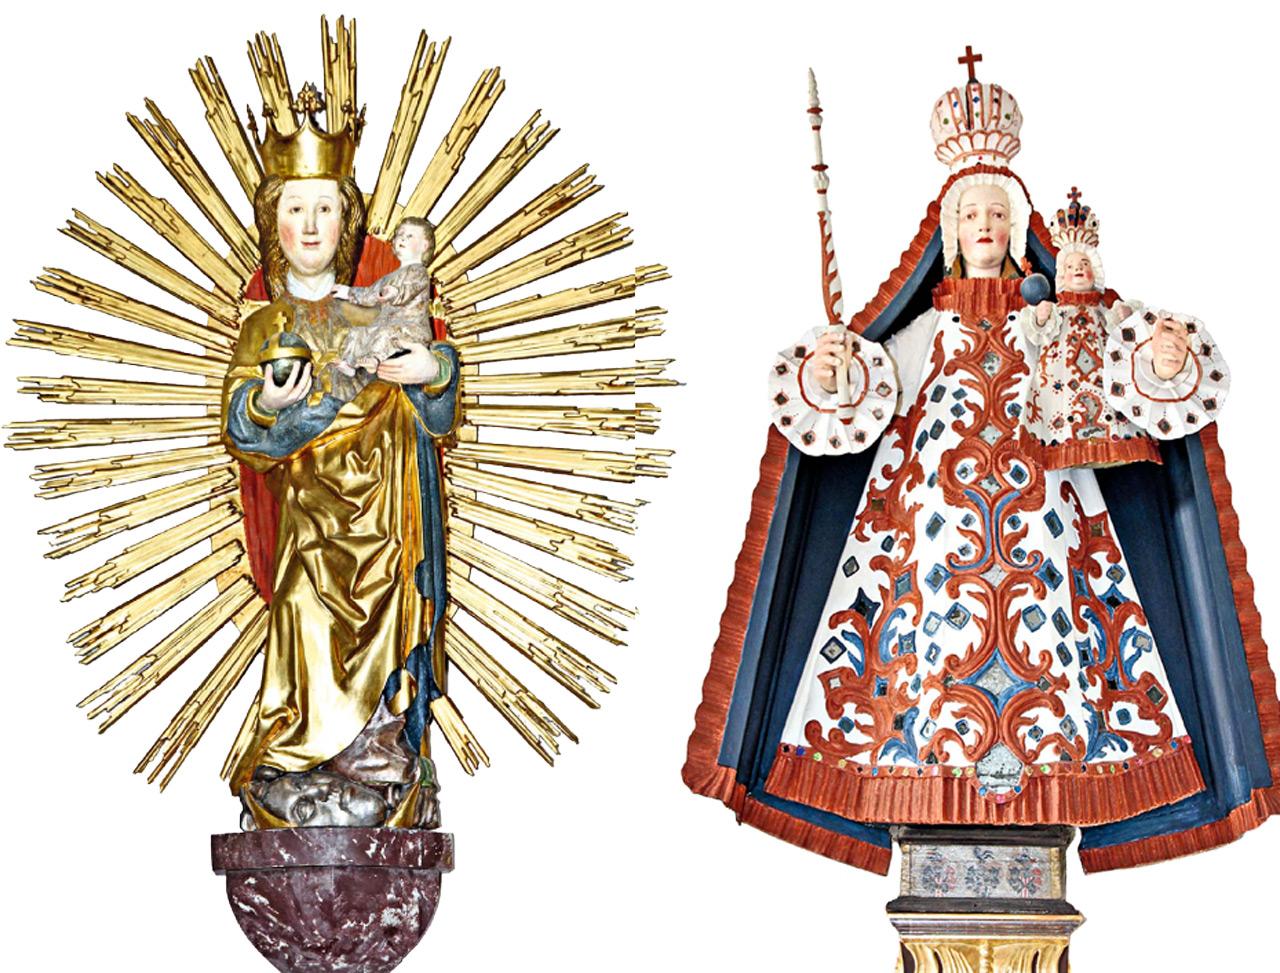 Madonnen aus dem Buch »Gott sieht alles – im heiligen Land Tirol«